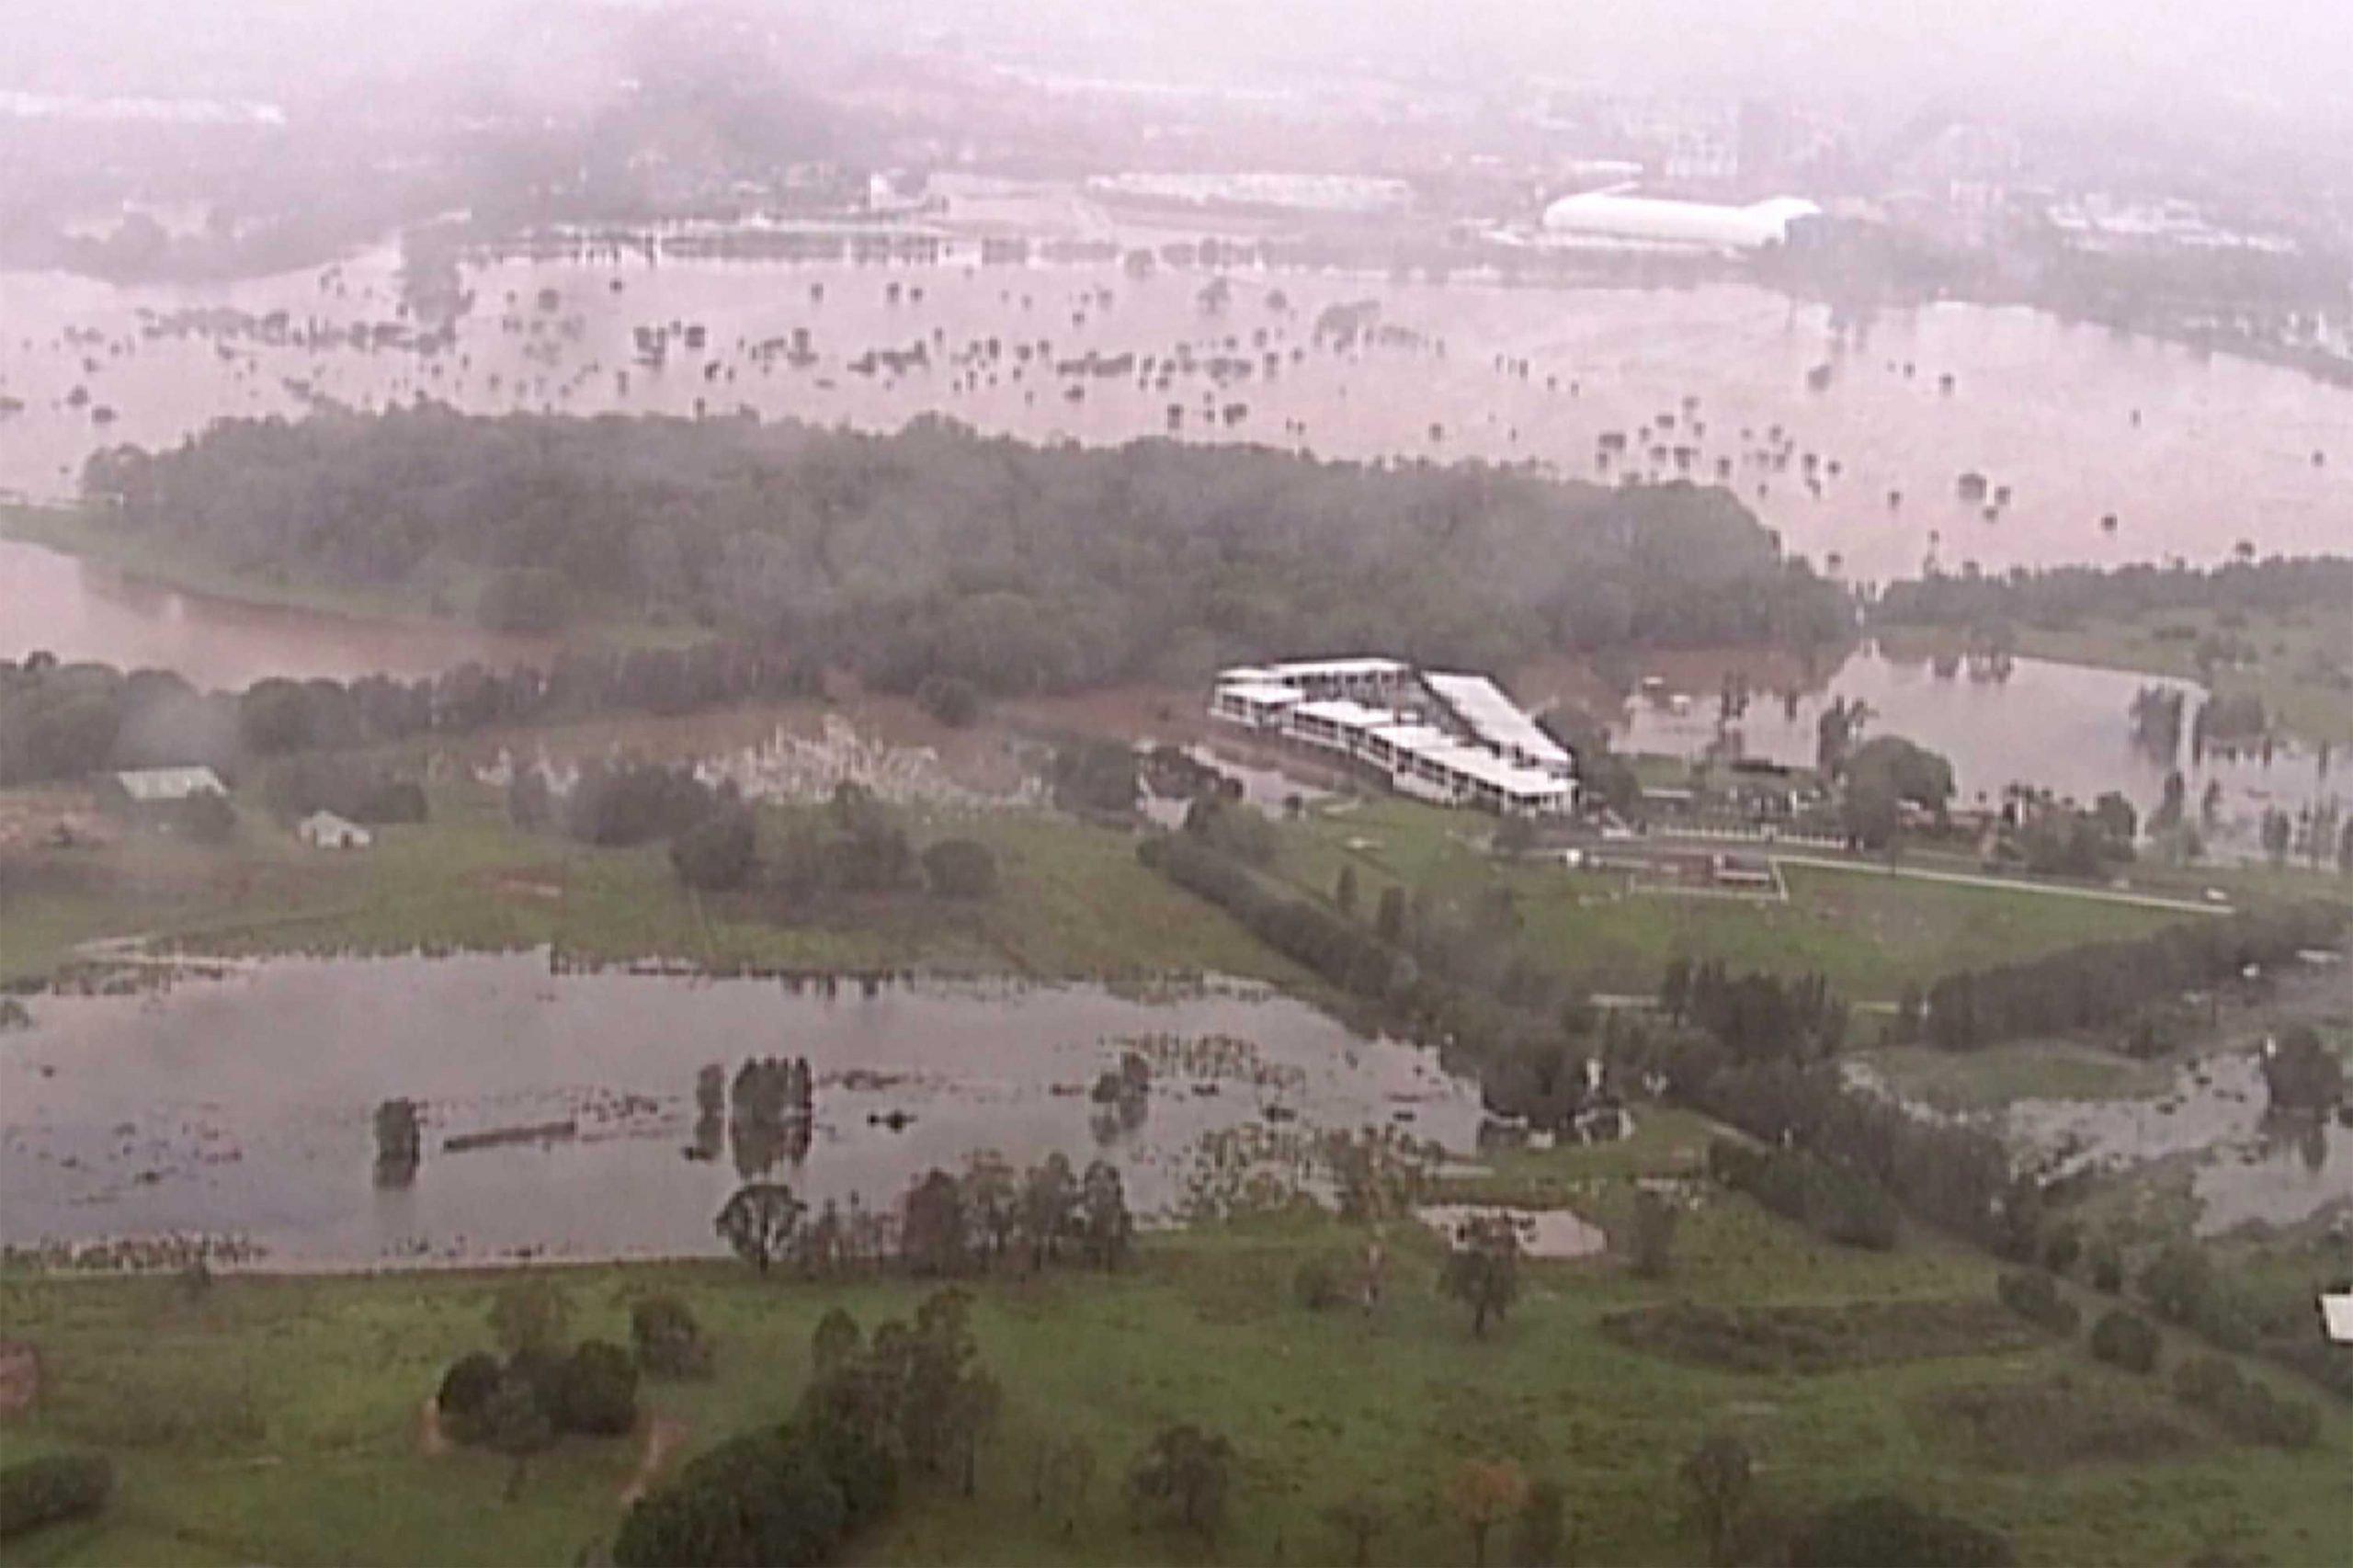 Después de los incendios, llegó el «diluvio del siglo» a Australia: inundaciones, bloqueos y hasta la aparición de un tiburón que causó terror